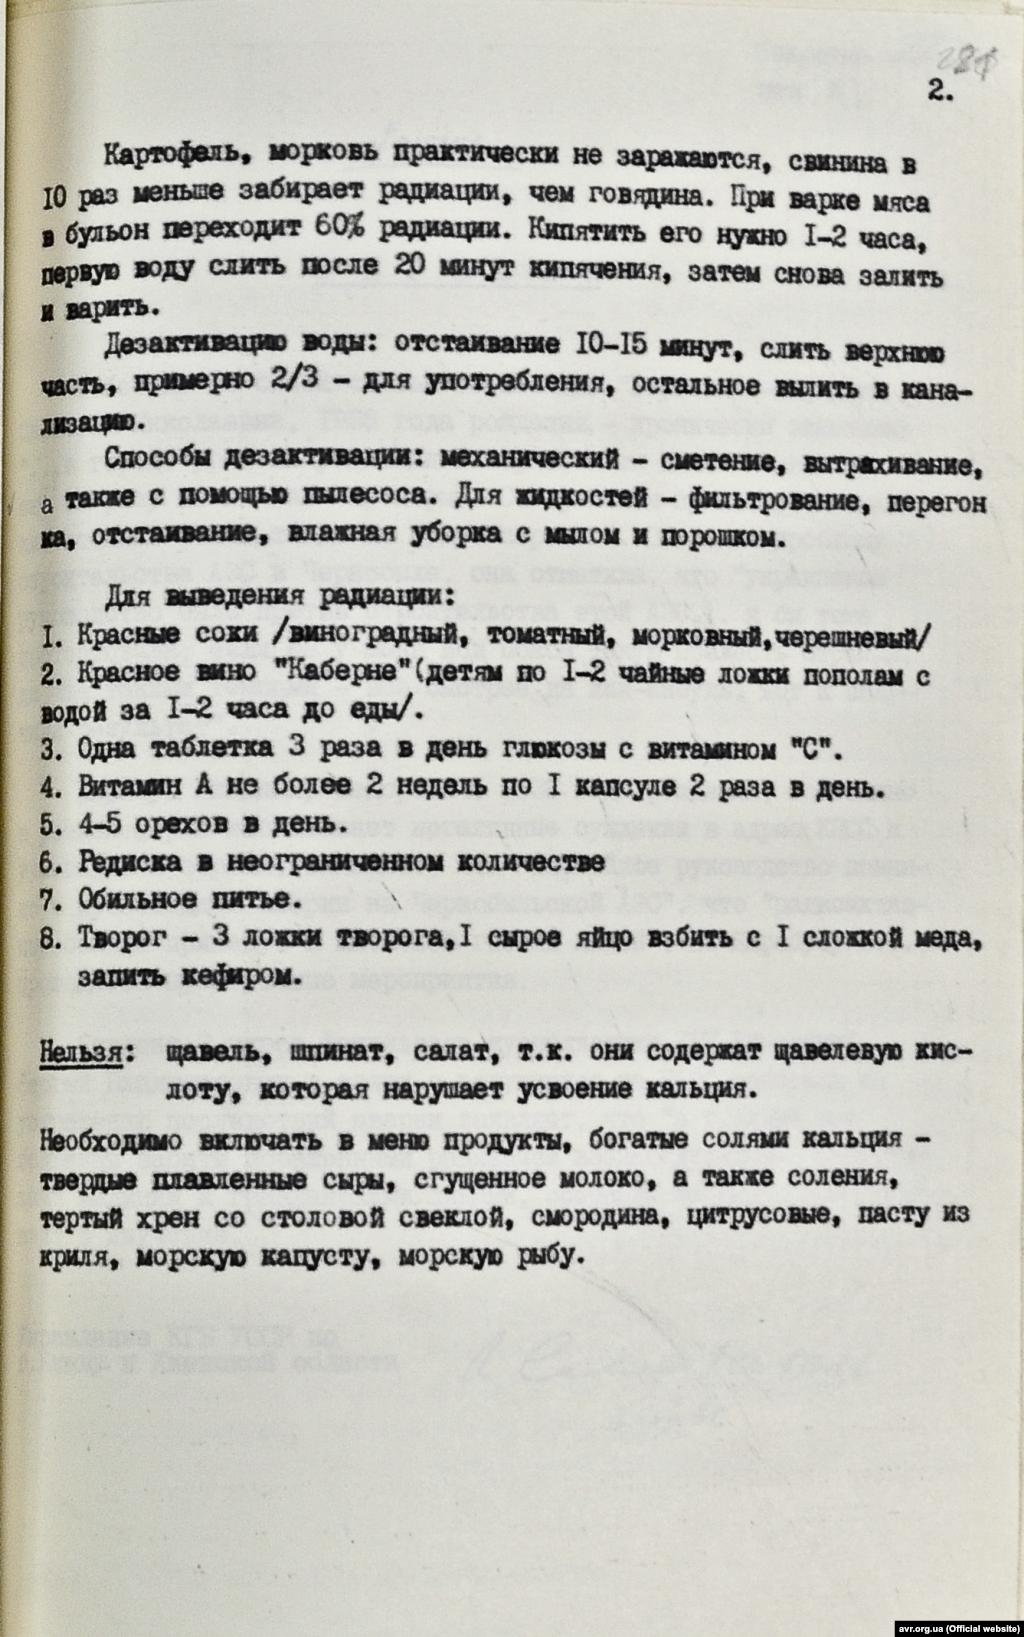 Рекомендації та деякі свідчення в обставинах підвищеної радіації (стор. 2)